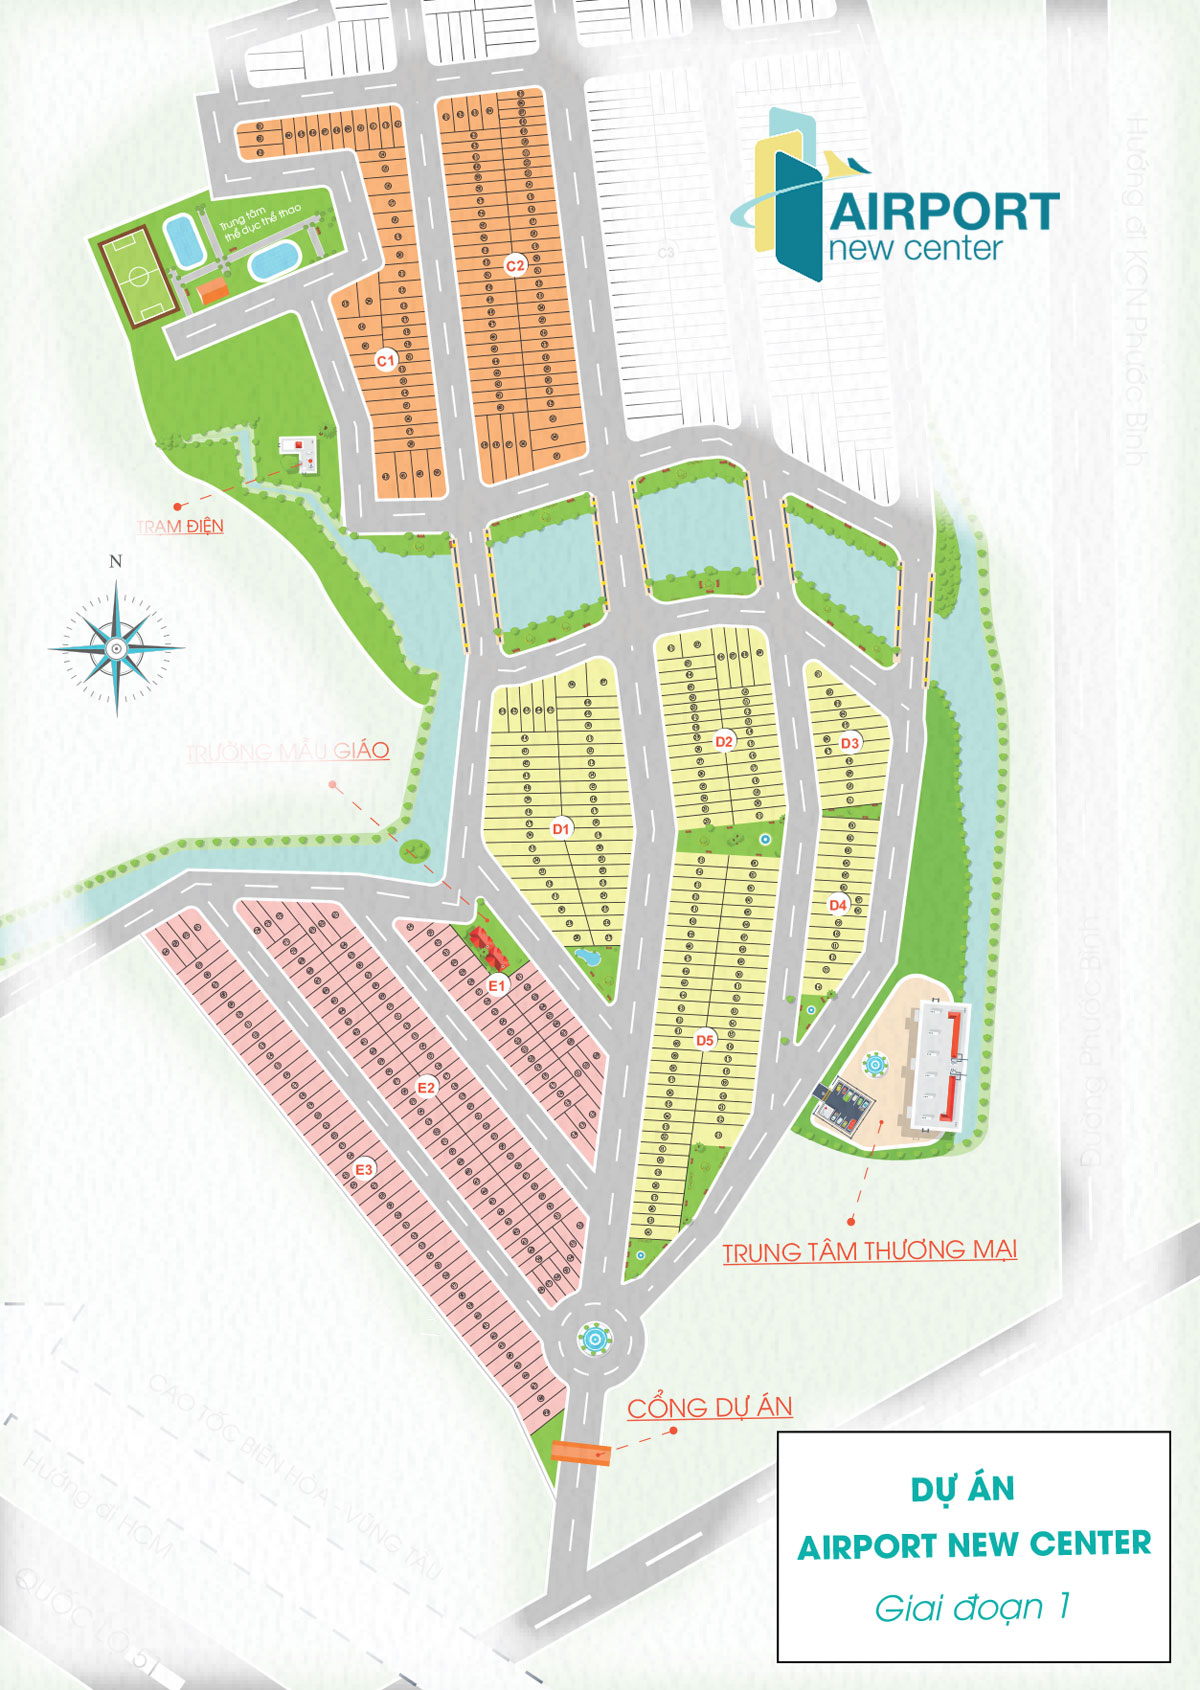 Mặt bằng dự án Airport New Center huyện Long Thành (GĐ1)